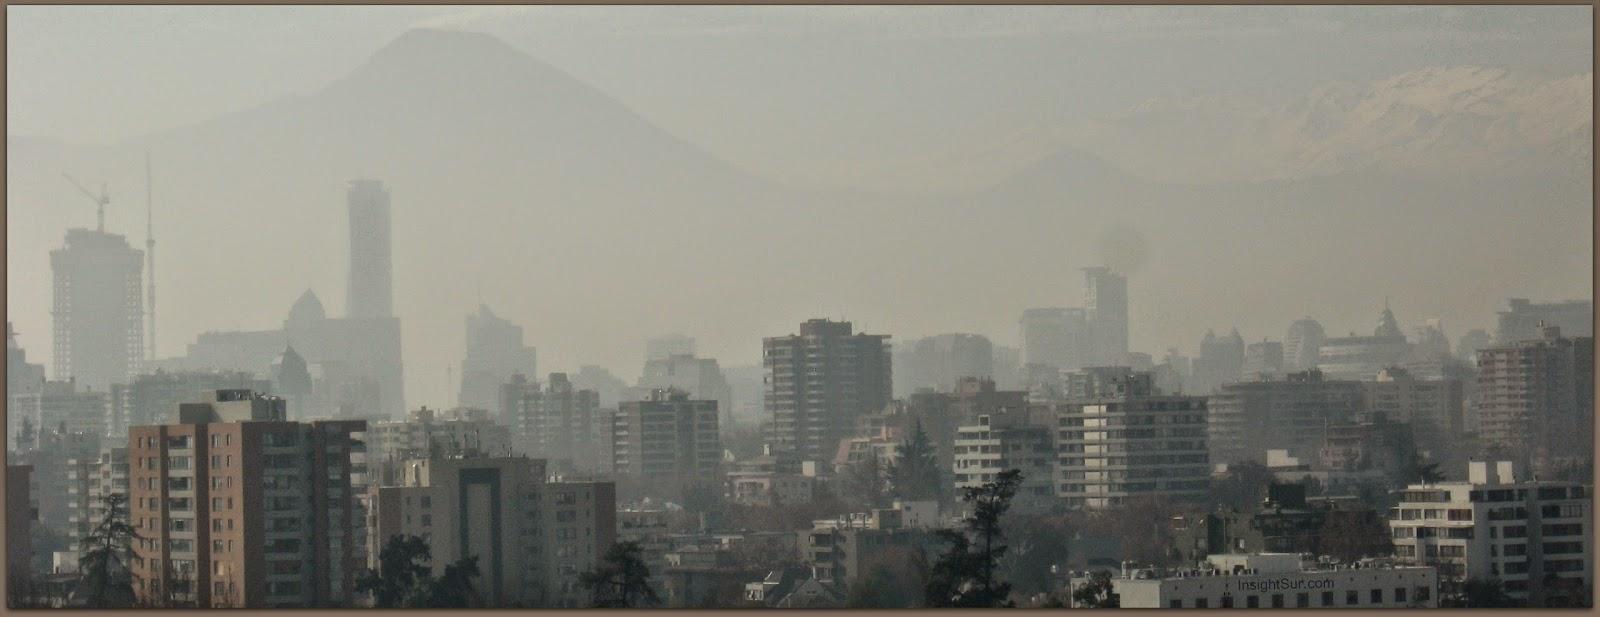 Contaminación y cambio climático